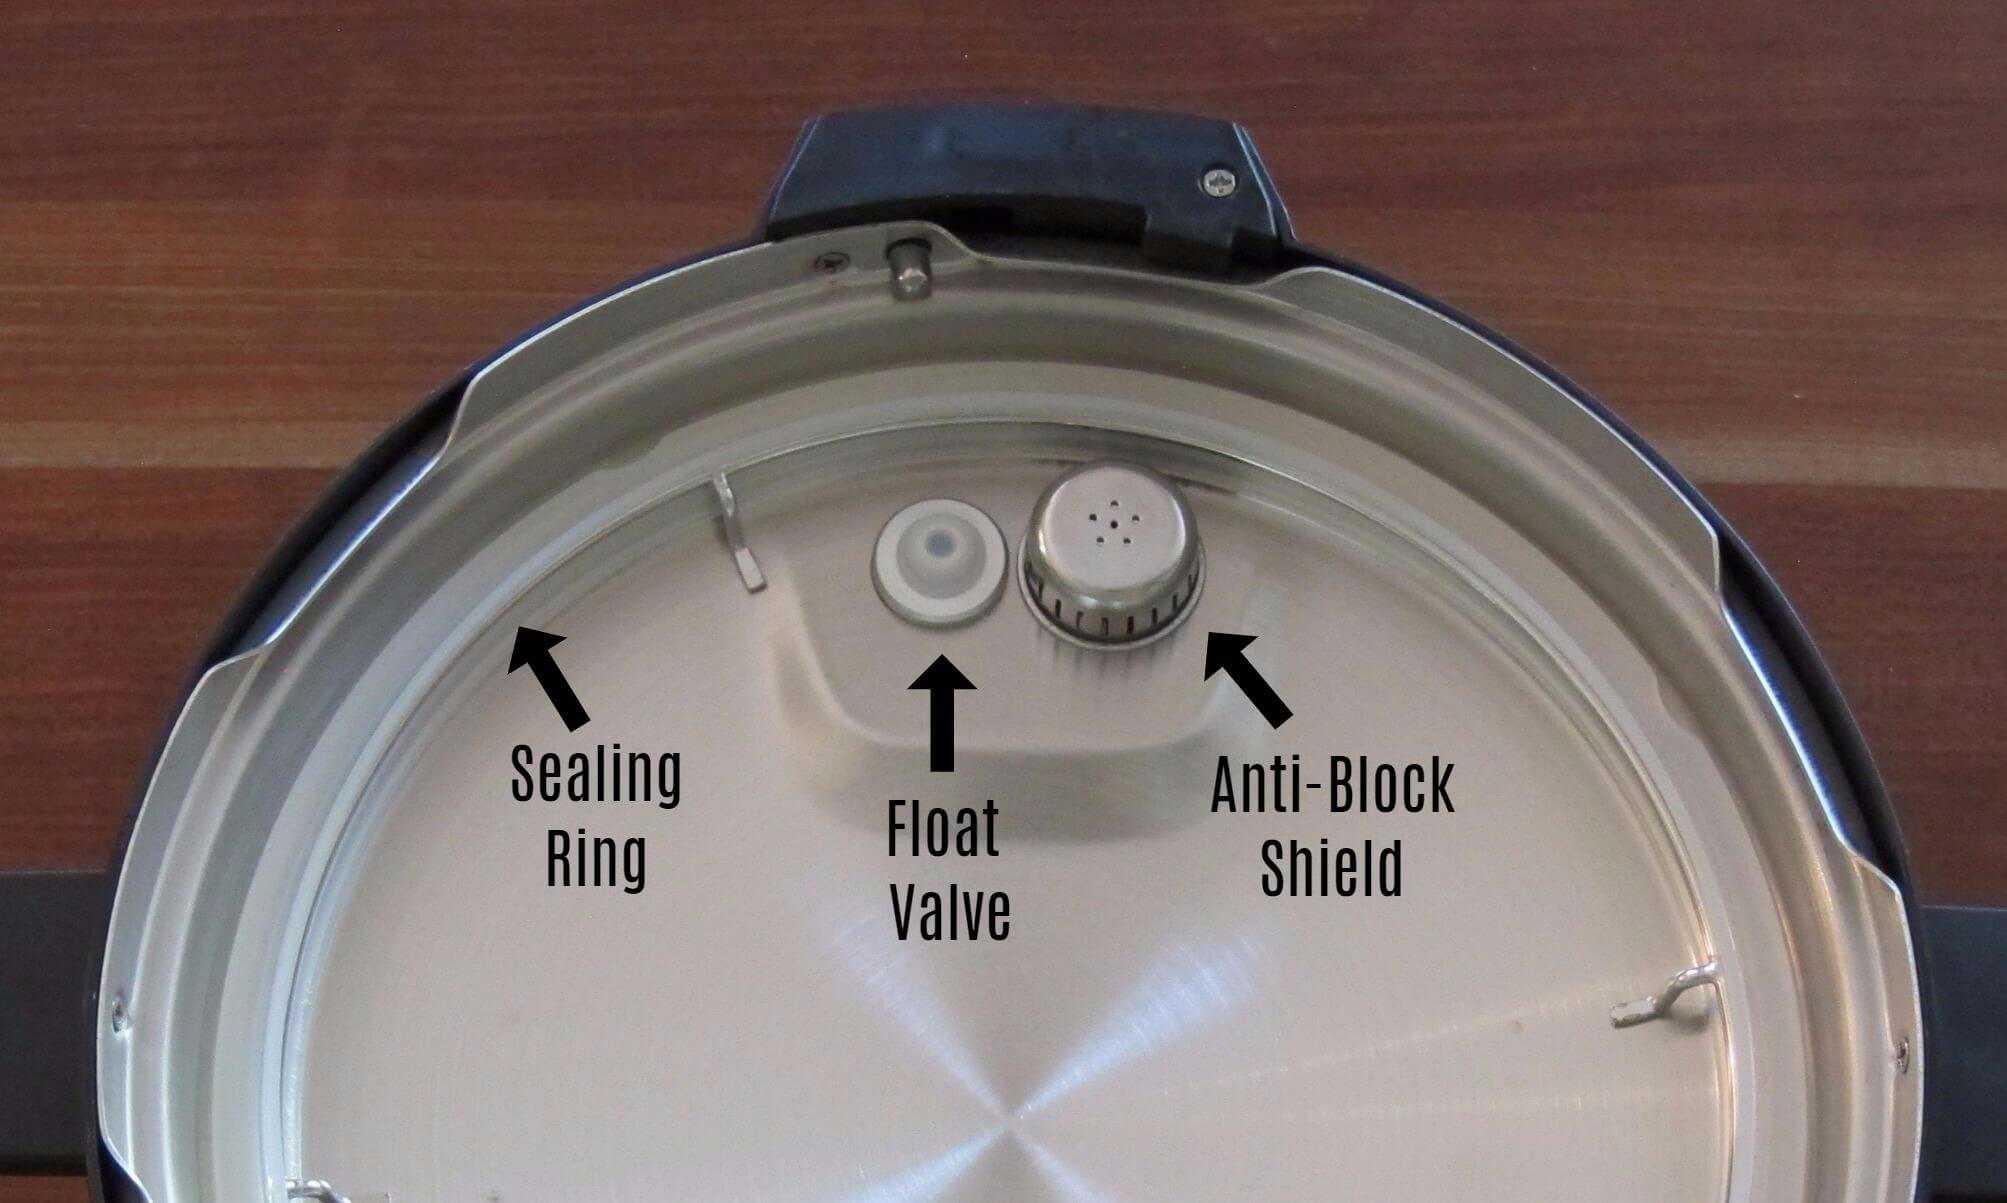 Float Valve Anti Block Sealing Ring in Lid